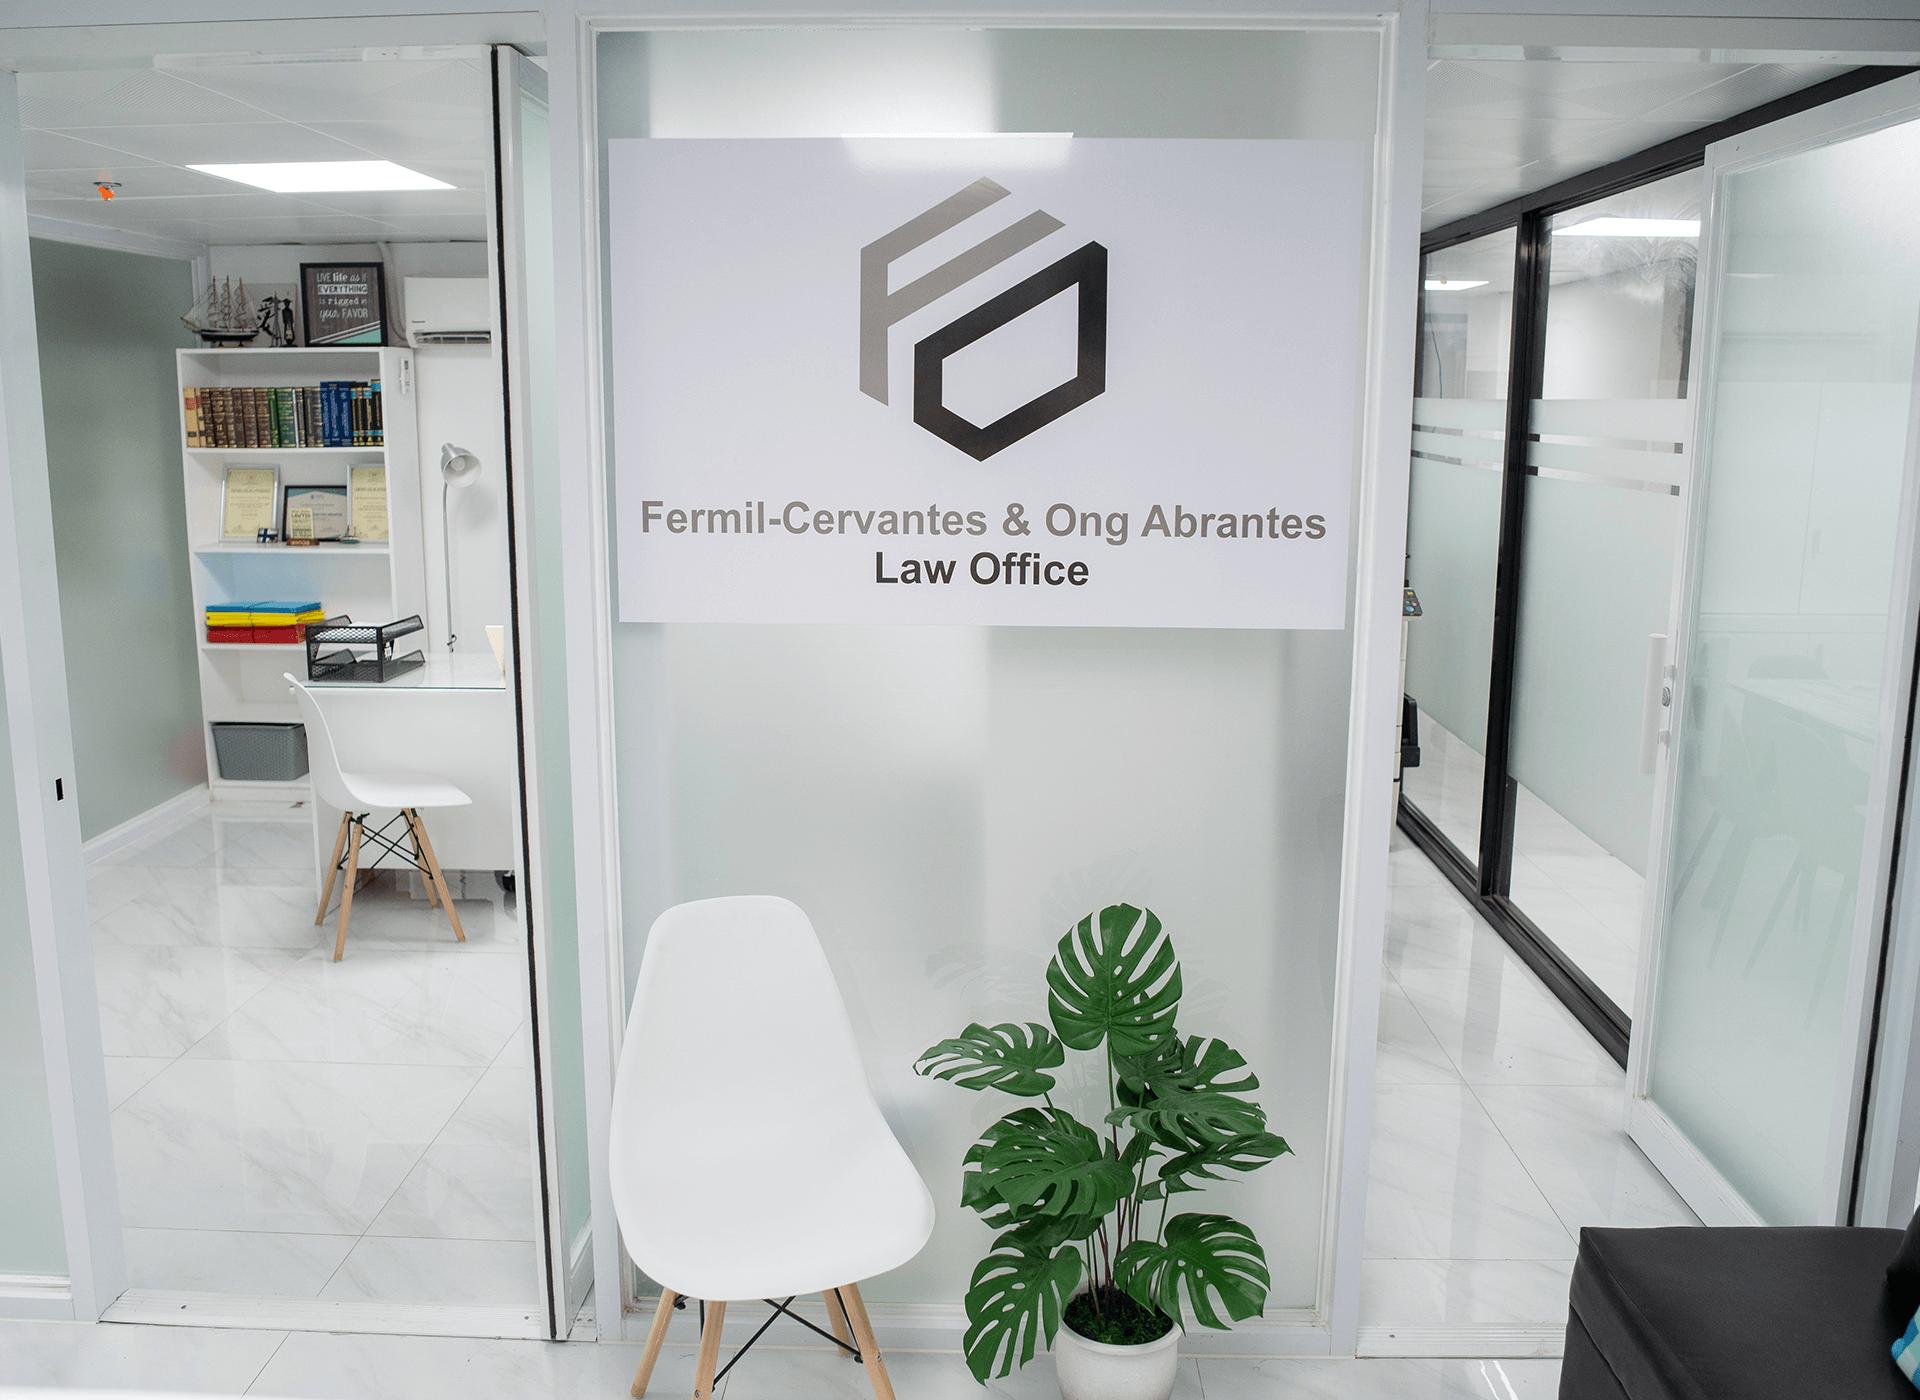 Fermil-Cervantes, Fabian & Ong Abrantes Law Office